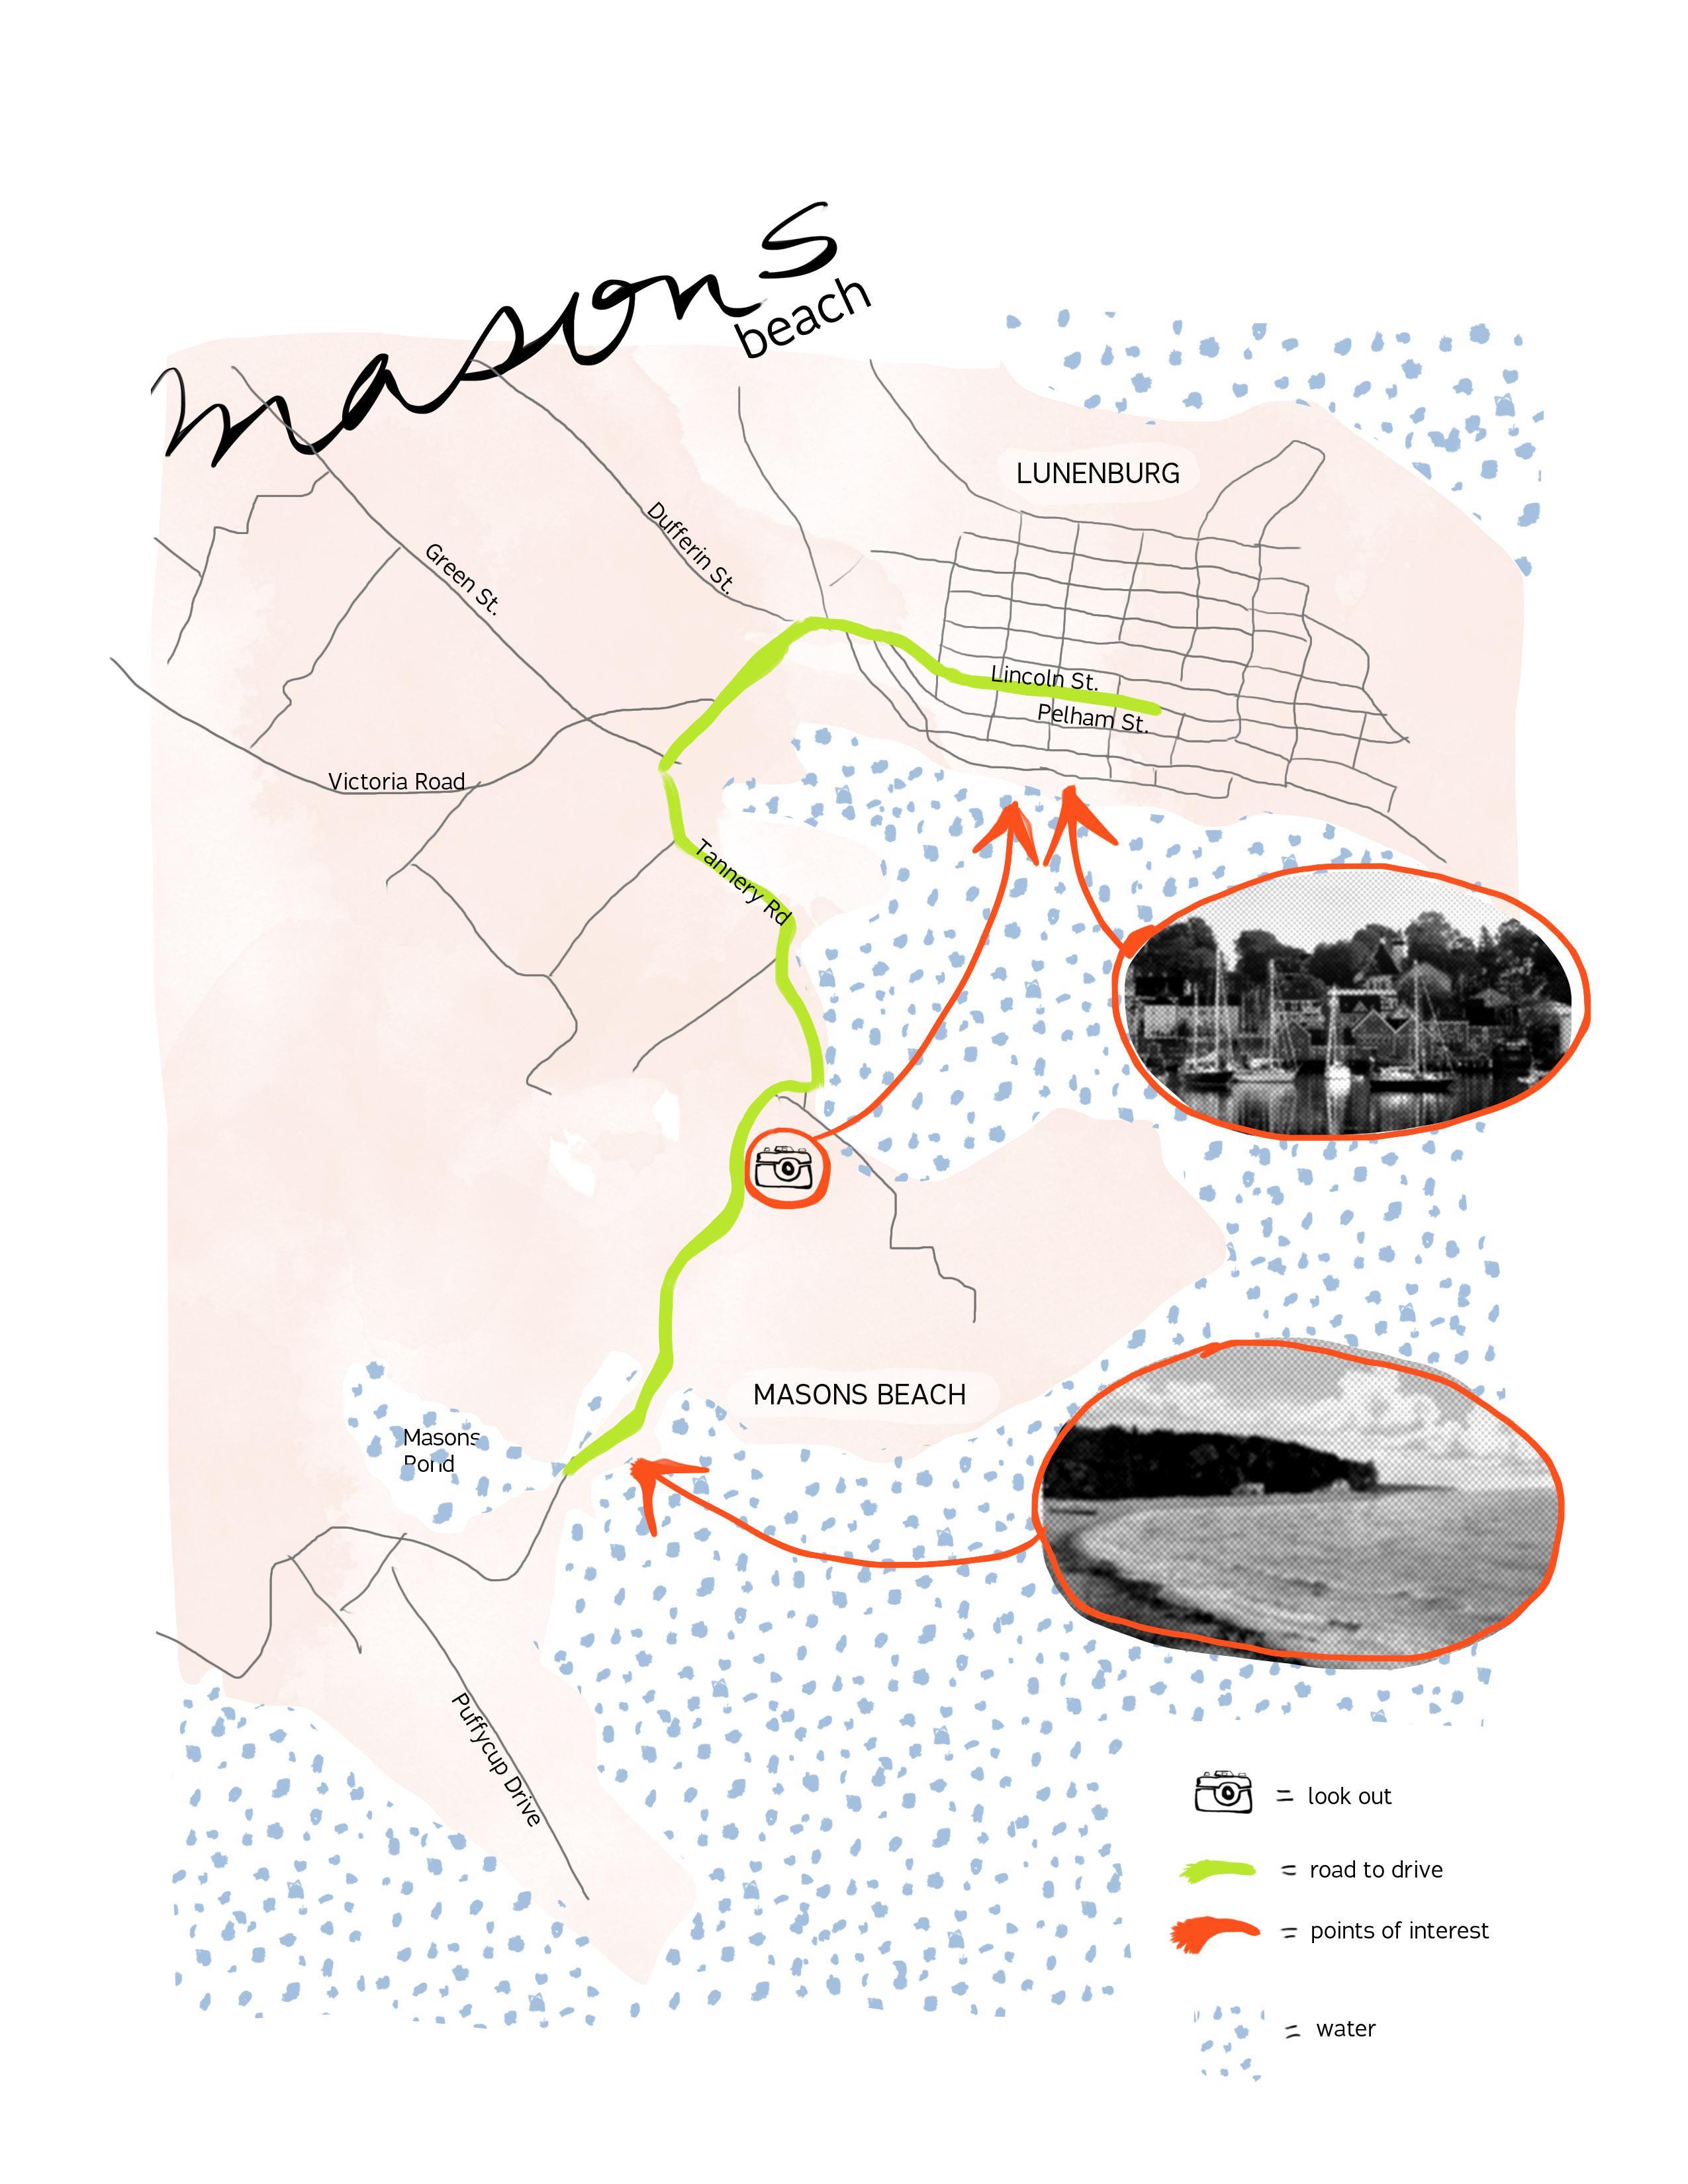 Lunenburg Maps  - image 1 - student project